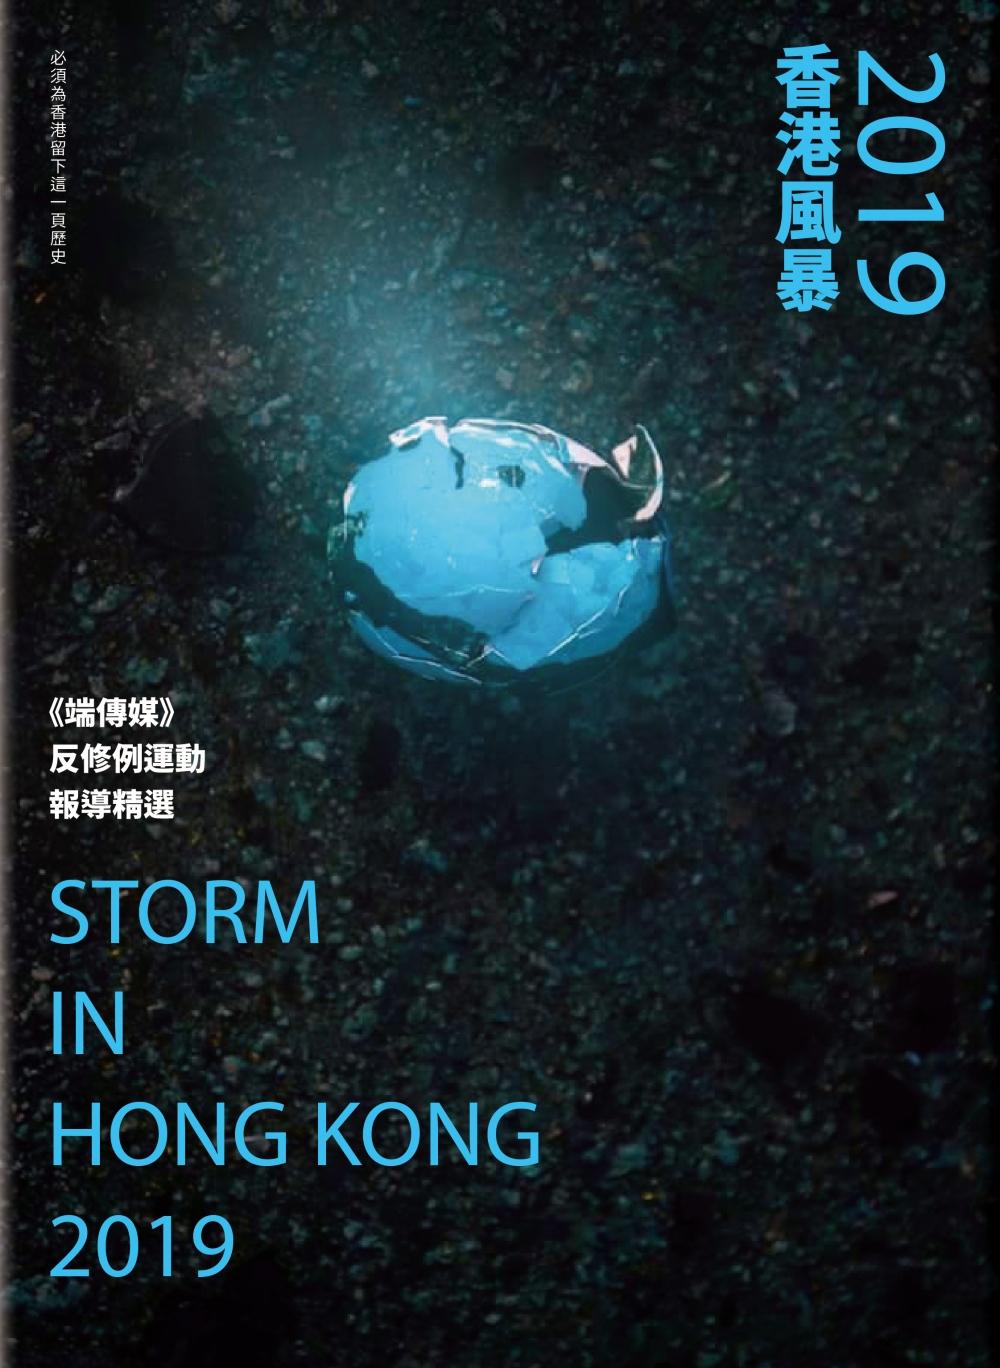 2019香港風暴:《端傳媒》反修例運動報導精選(隨書附贈彩繪精緻反修例海報:「2019香港風暴」)